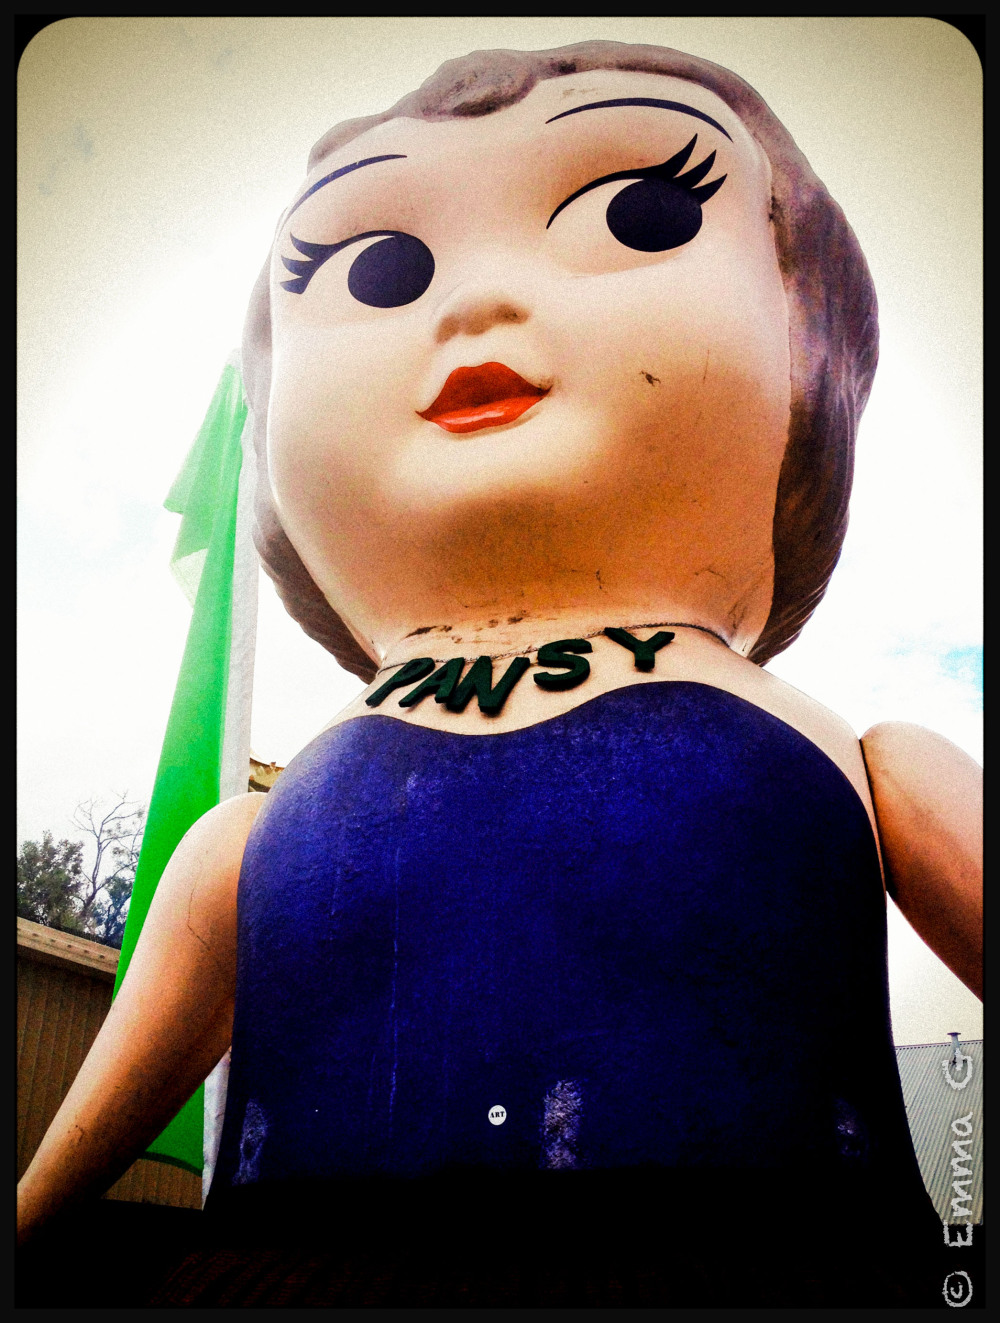 Pansy - Kewpie Doll